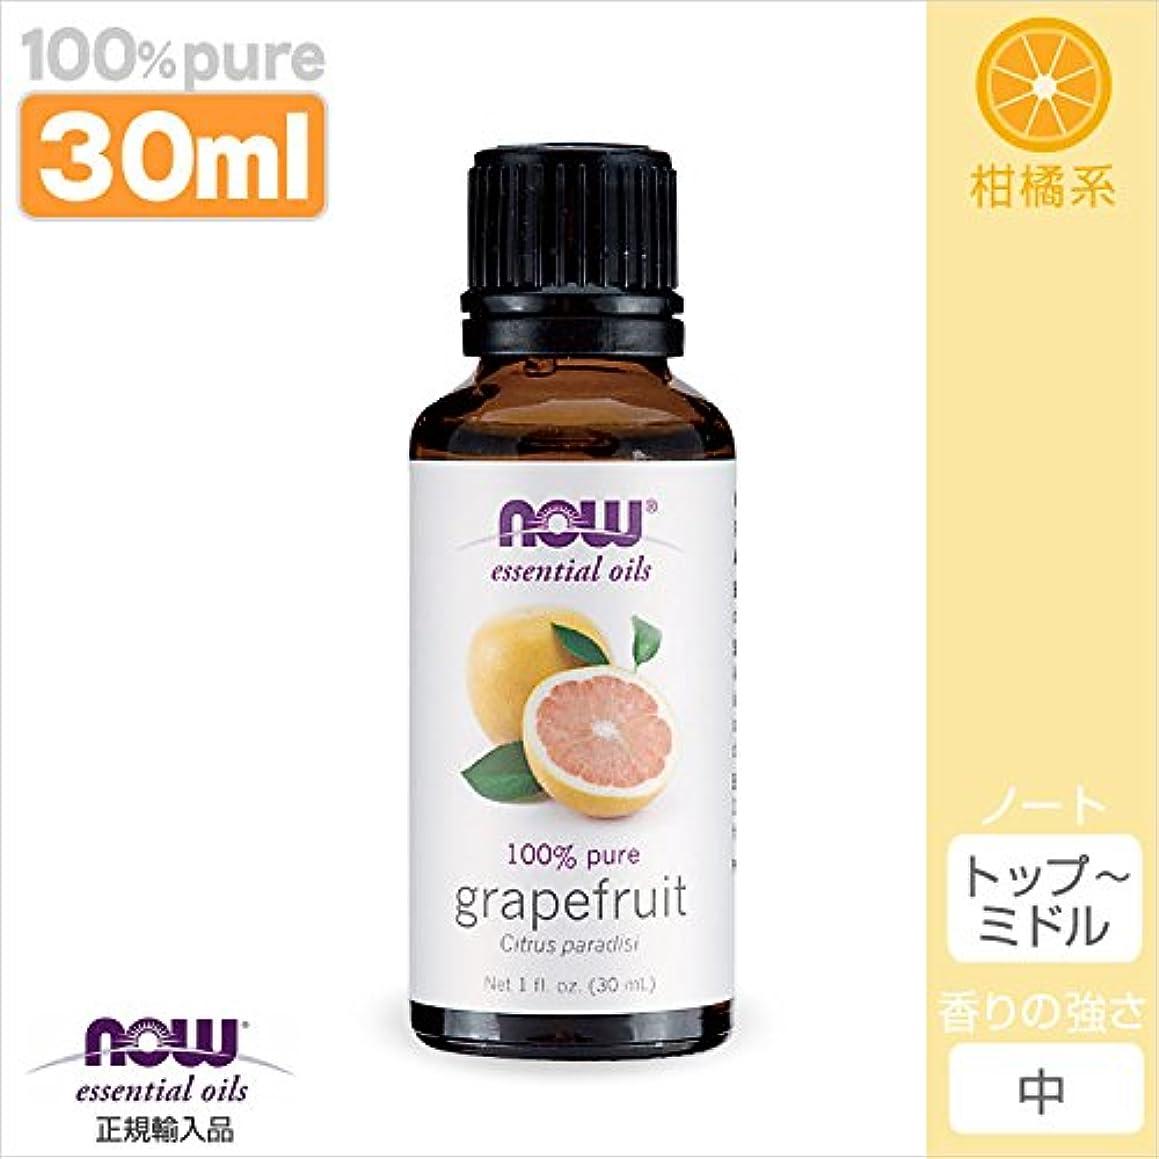 やろうパット古風なグレープフルーツ精油[30ml] 【正規輸入品】 NOWエッセンシャルオイル(アロマオイル)